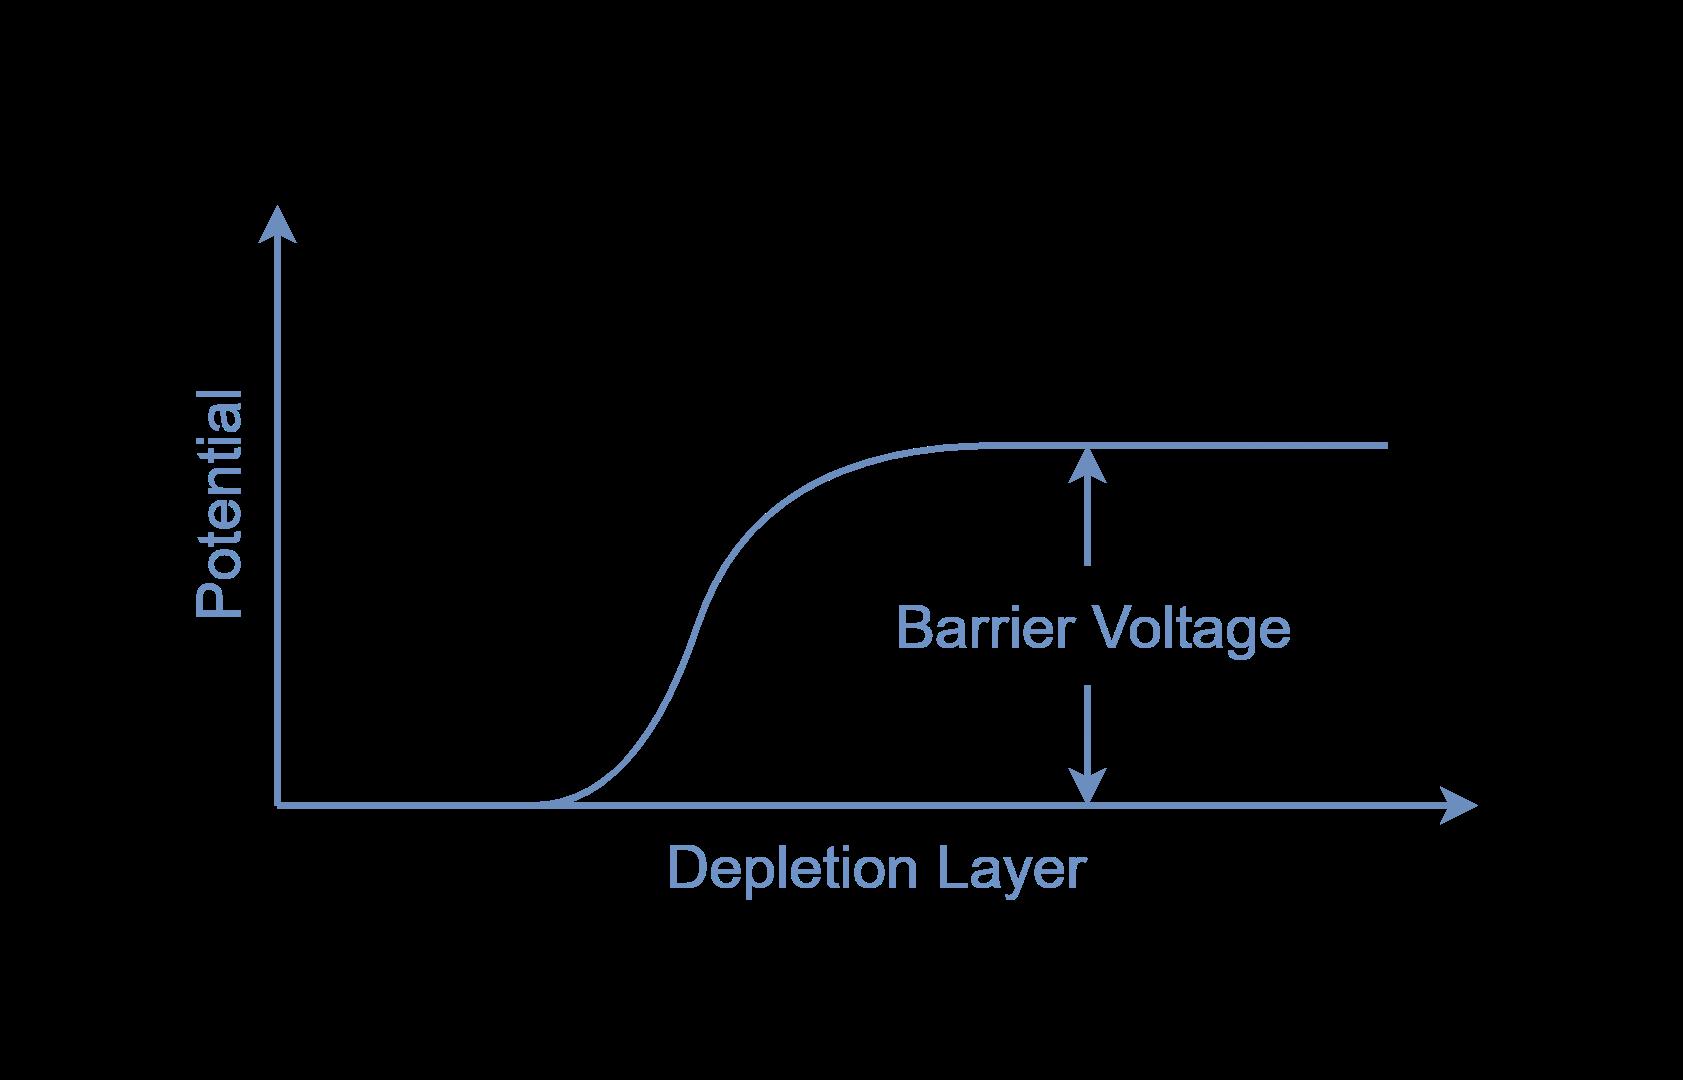 Barrier Voltage